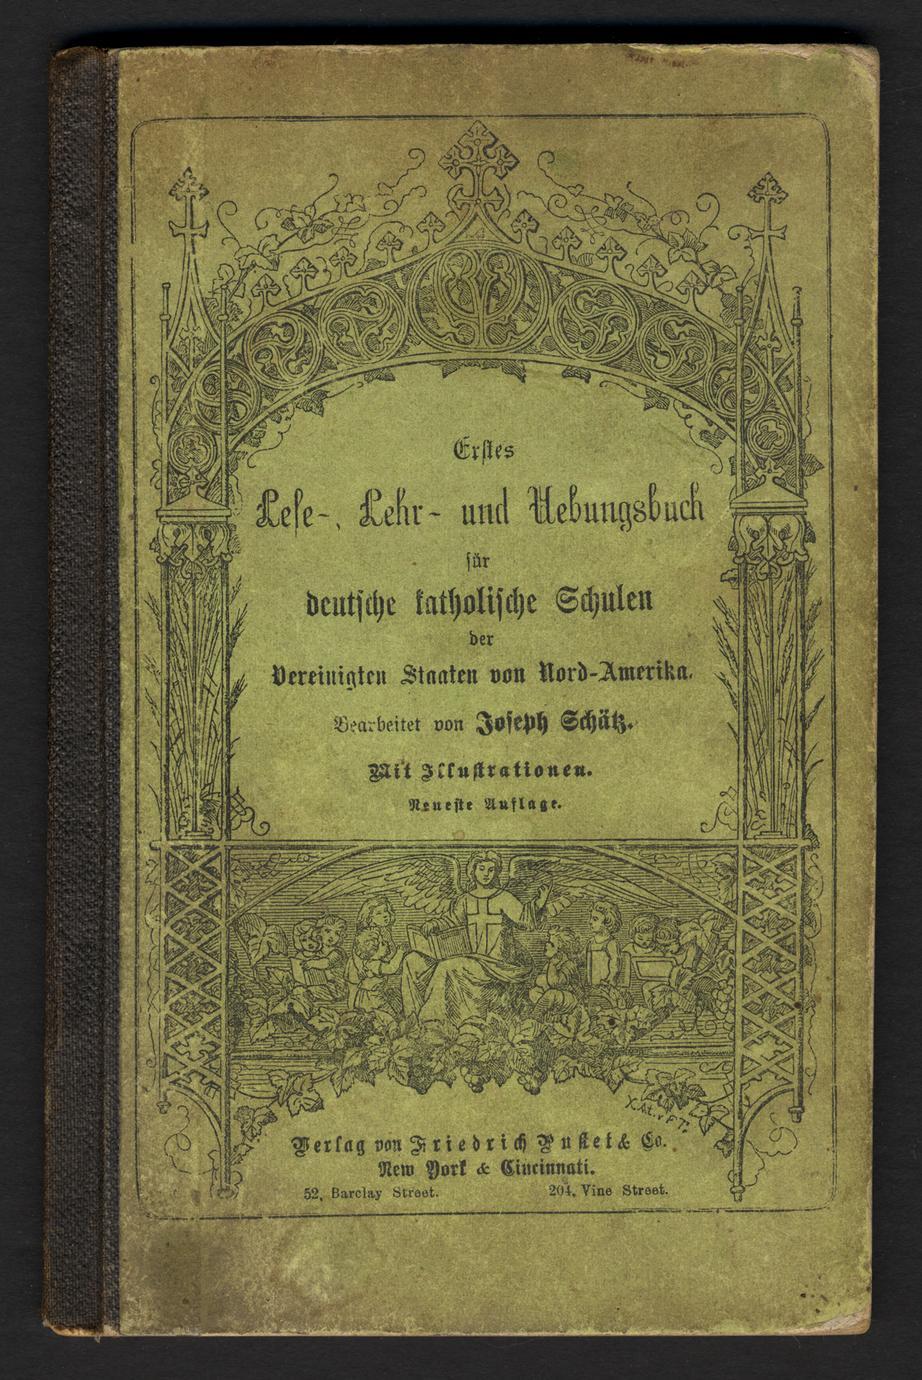 Erstes Lese-, Lehr- und Uebungesbuch für deutsche katholische Schulen (1 of 2)